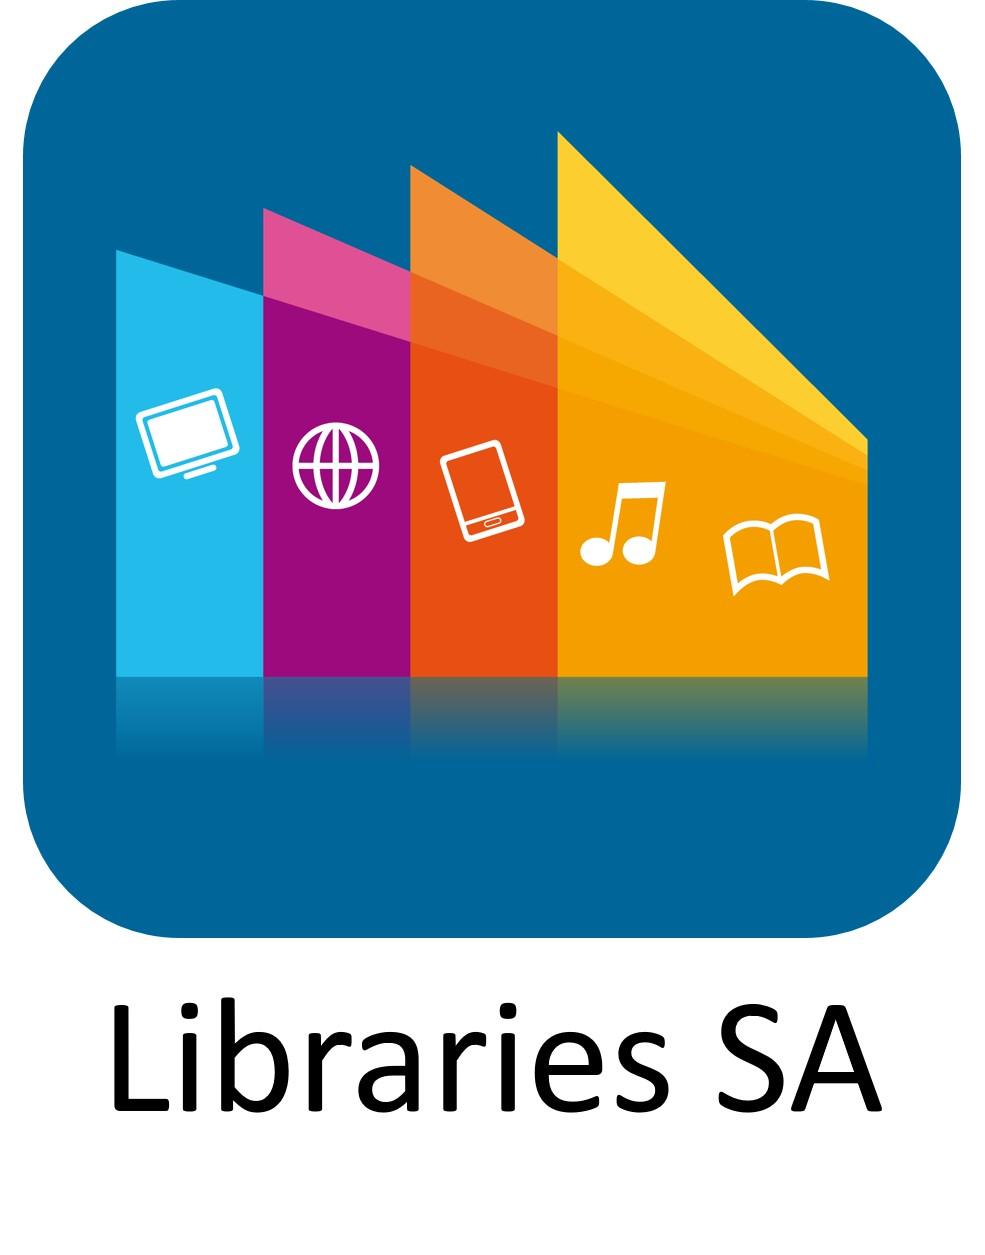 Libraries SA App